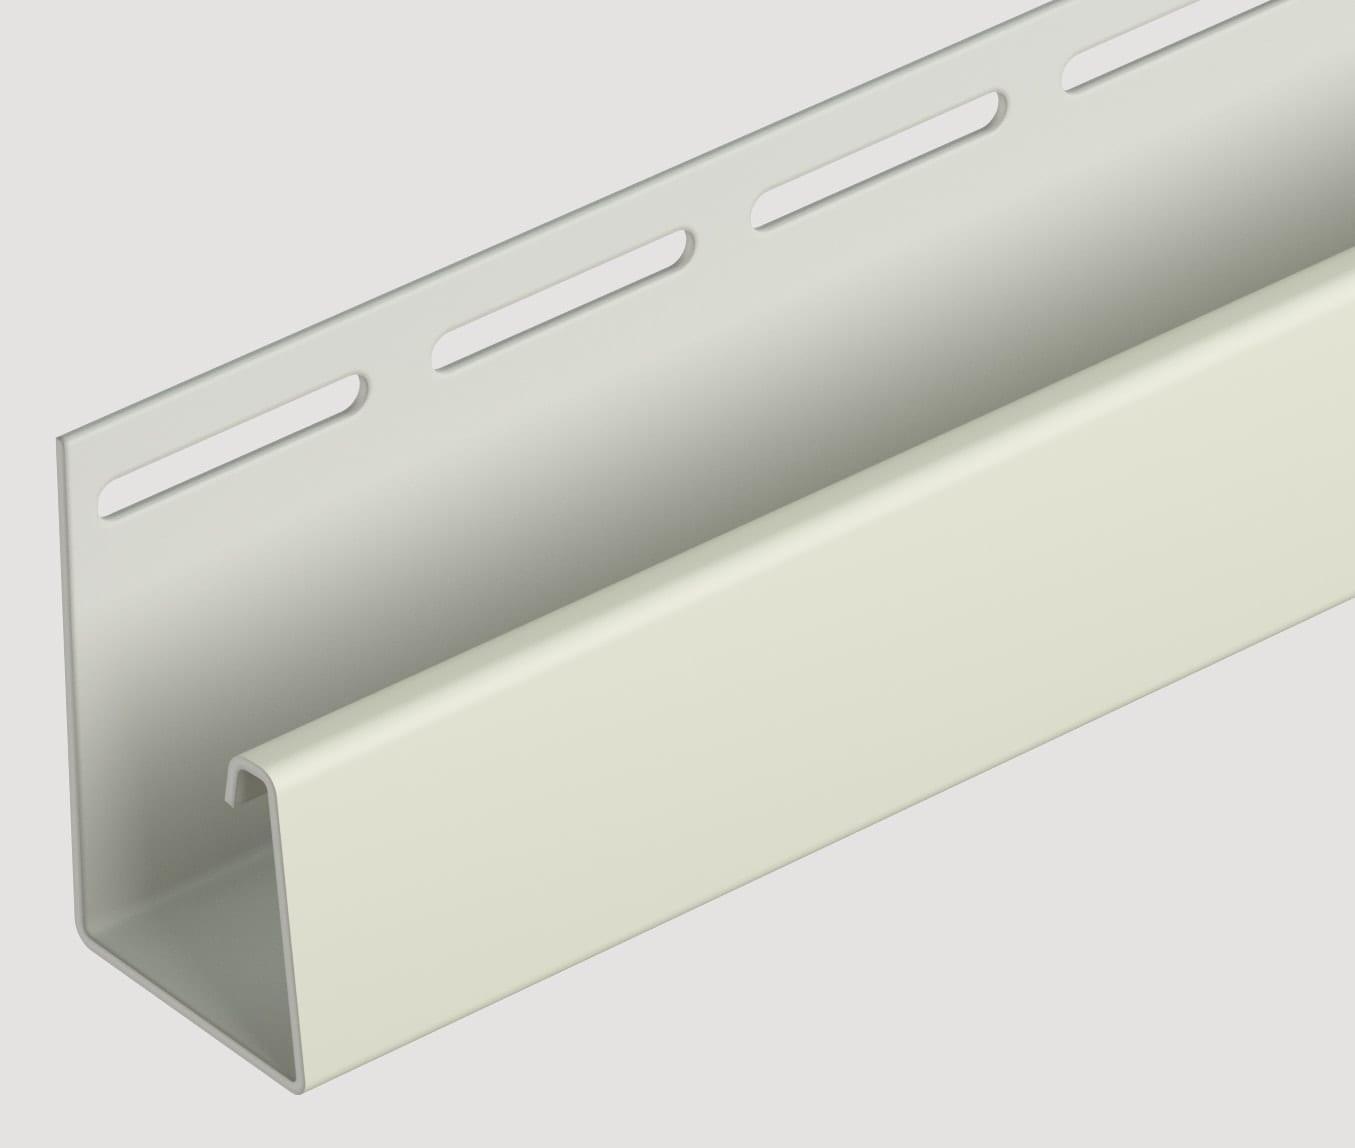 Фасадный J-профиль (слоновая кость) 3050 мм.